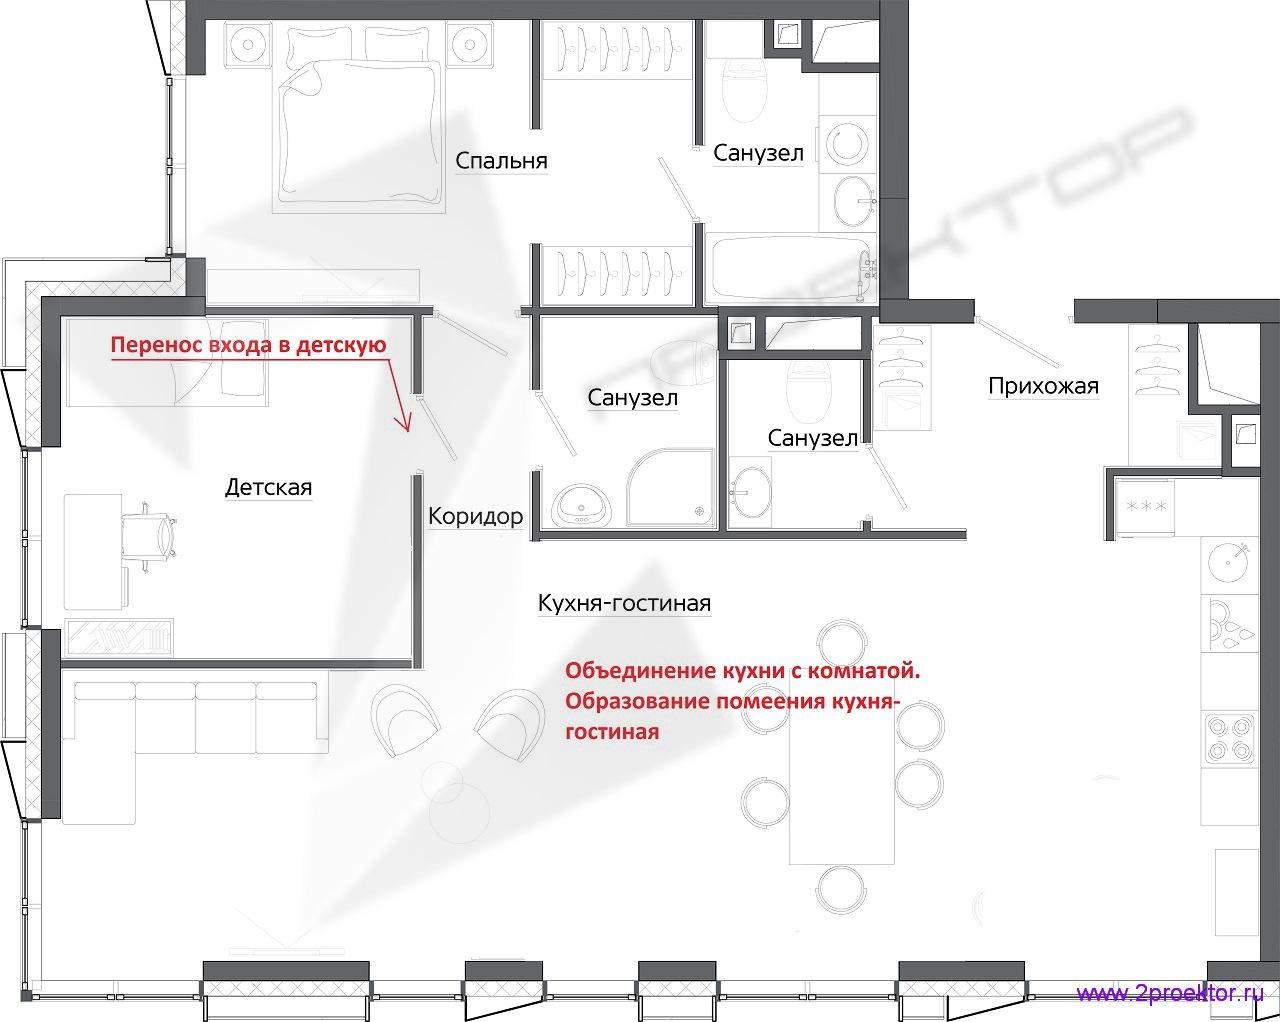 Вариант планировки трехкомнатной квартиры в ЖК «Discovery Park» разработанный специалистами ООО «2Проектор» (перенос входной двери в детскую, объединение кухни с комнатой).